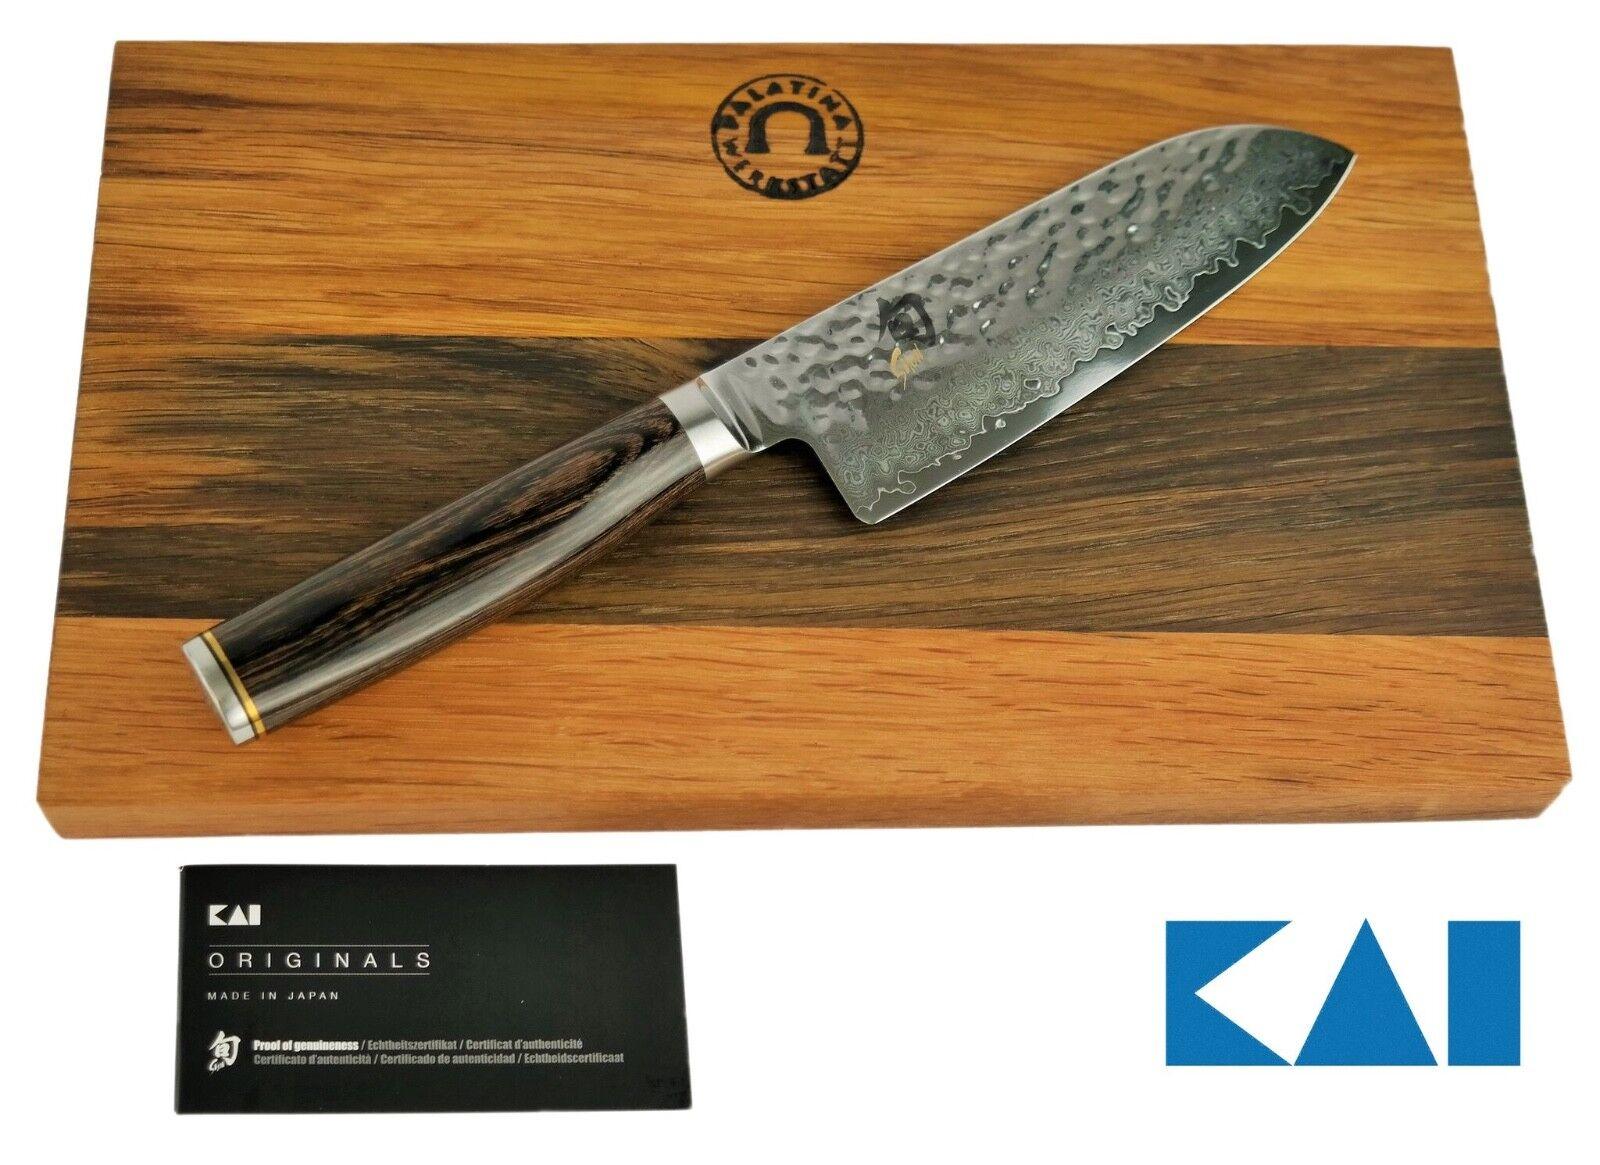 Kai Chun Premier Cadeau Tim malteurs tdm-1727 Santoku Couteau + planche à découper